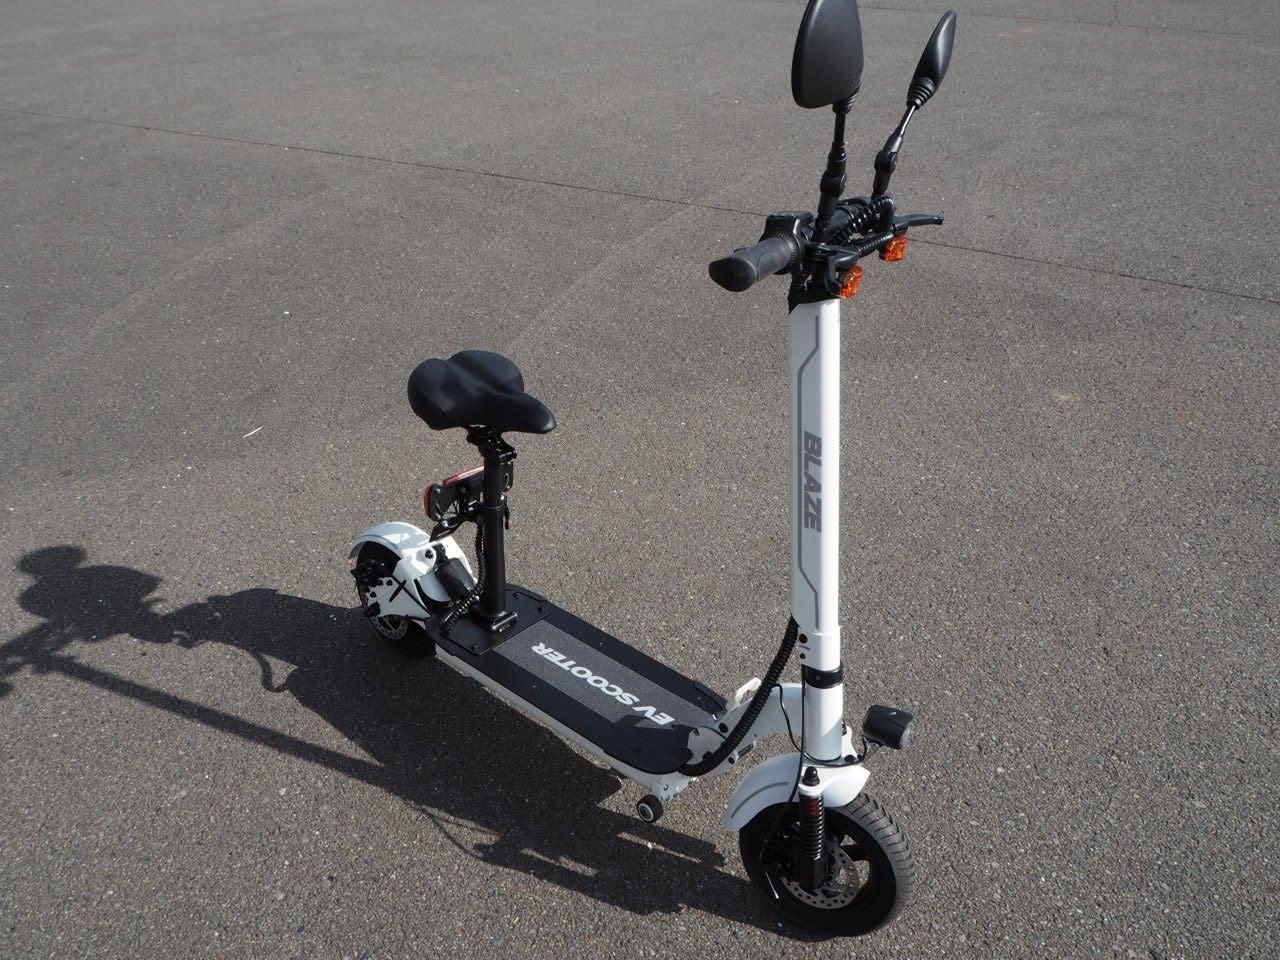 100%電気で動く折畳み可能な電動バイク ブレイズEVスクーター(ホワイト色)【現金払い・銀行振り込み専用チケット】のイメージその2